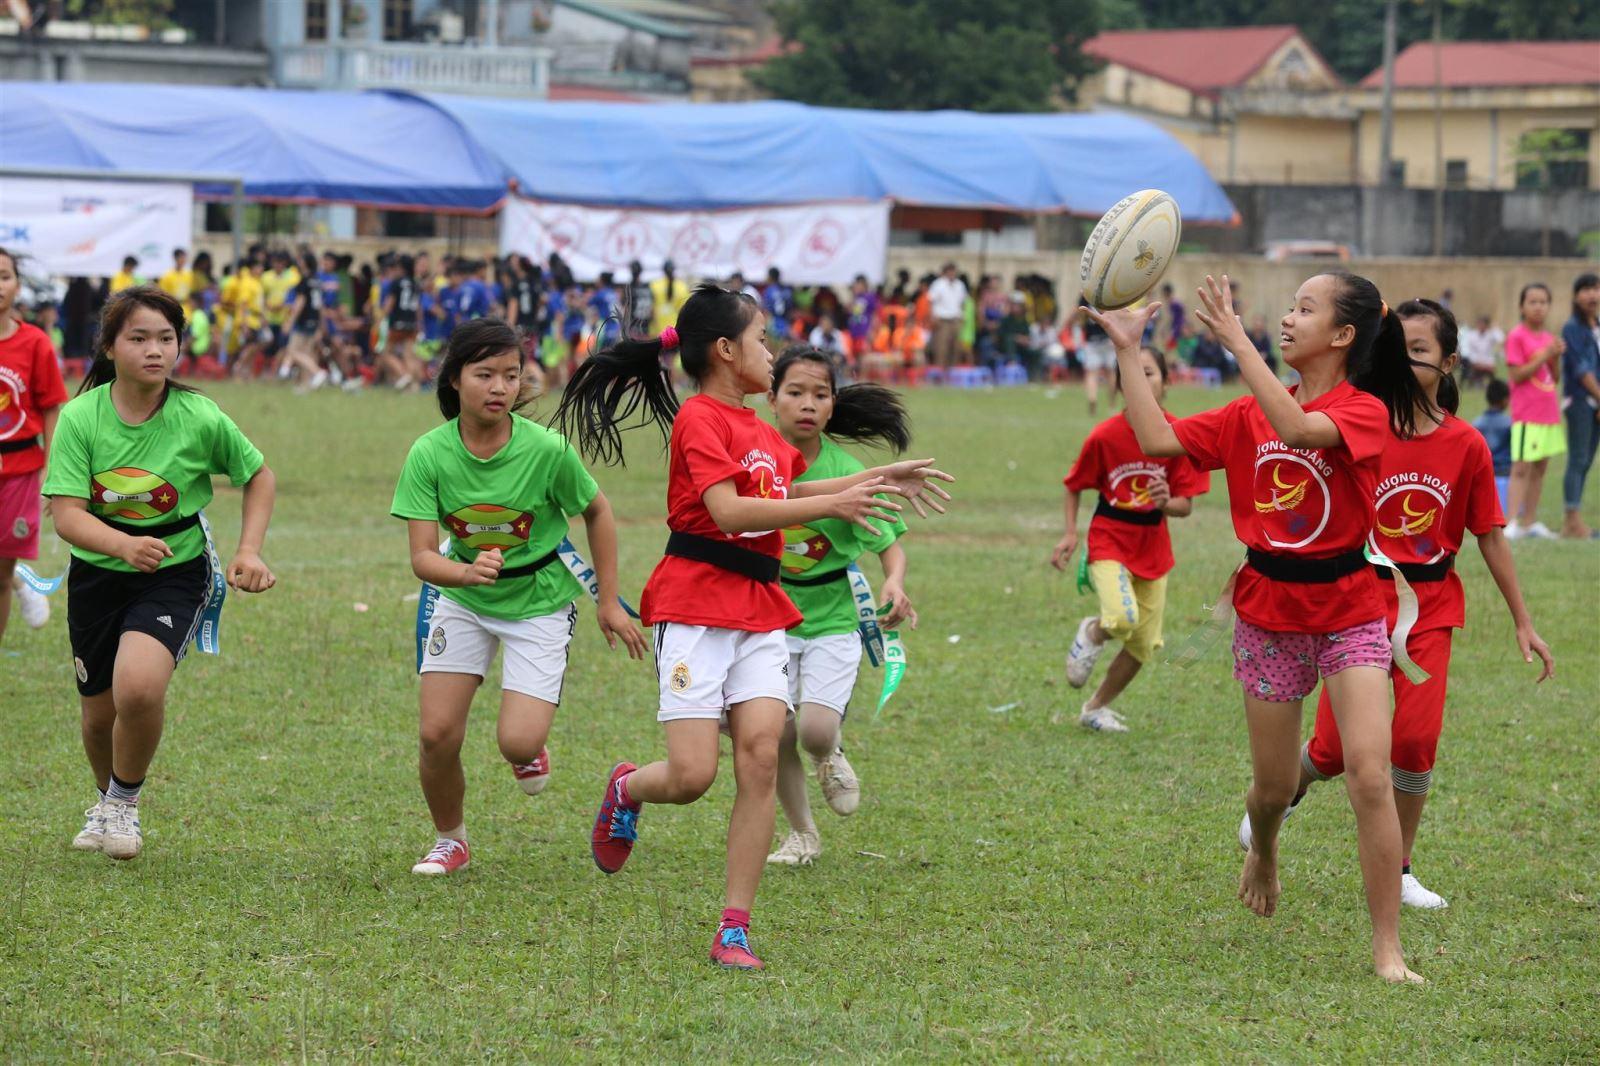 ChildFund Pass It Back: Healthy development of children through sports